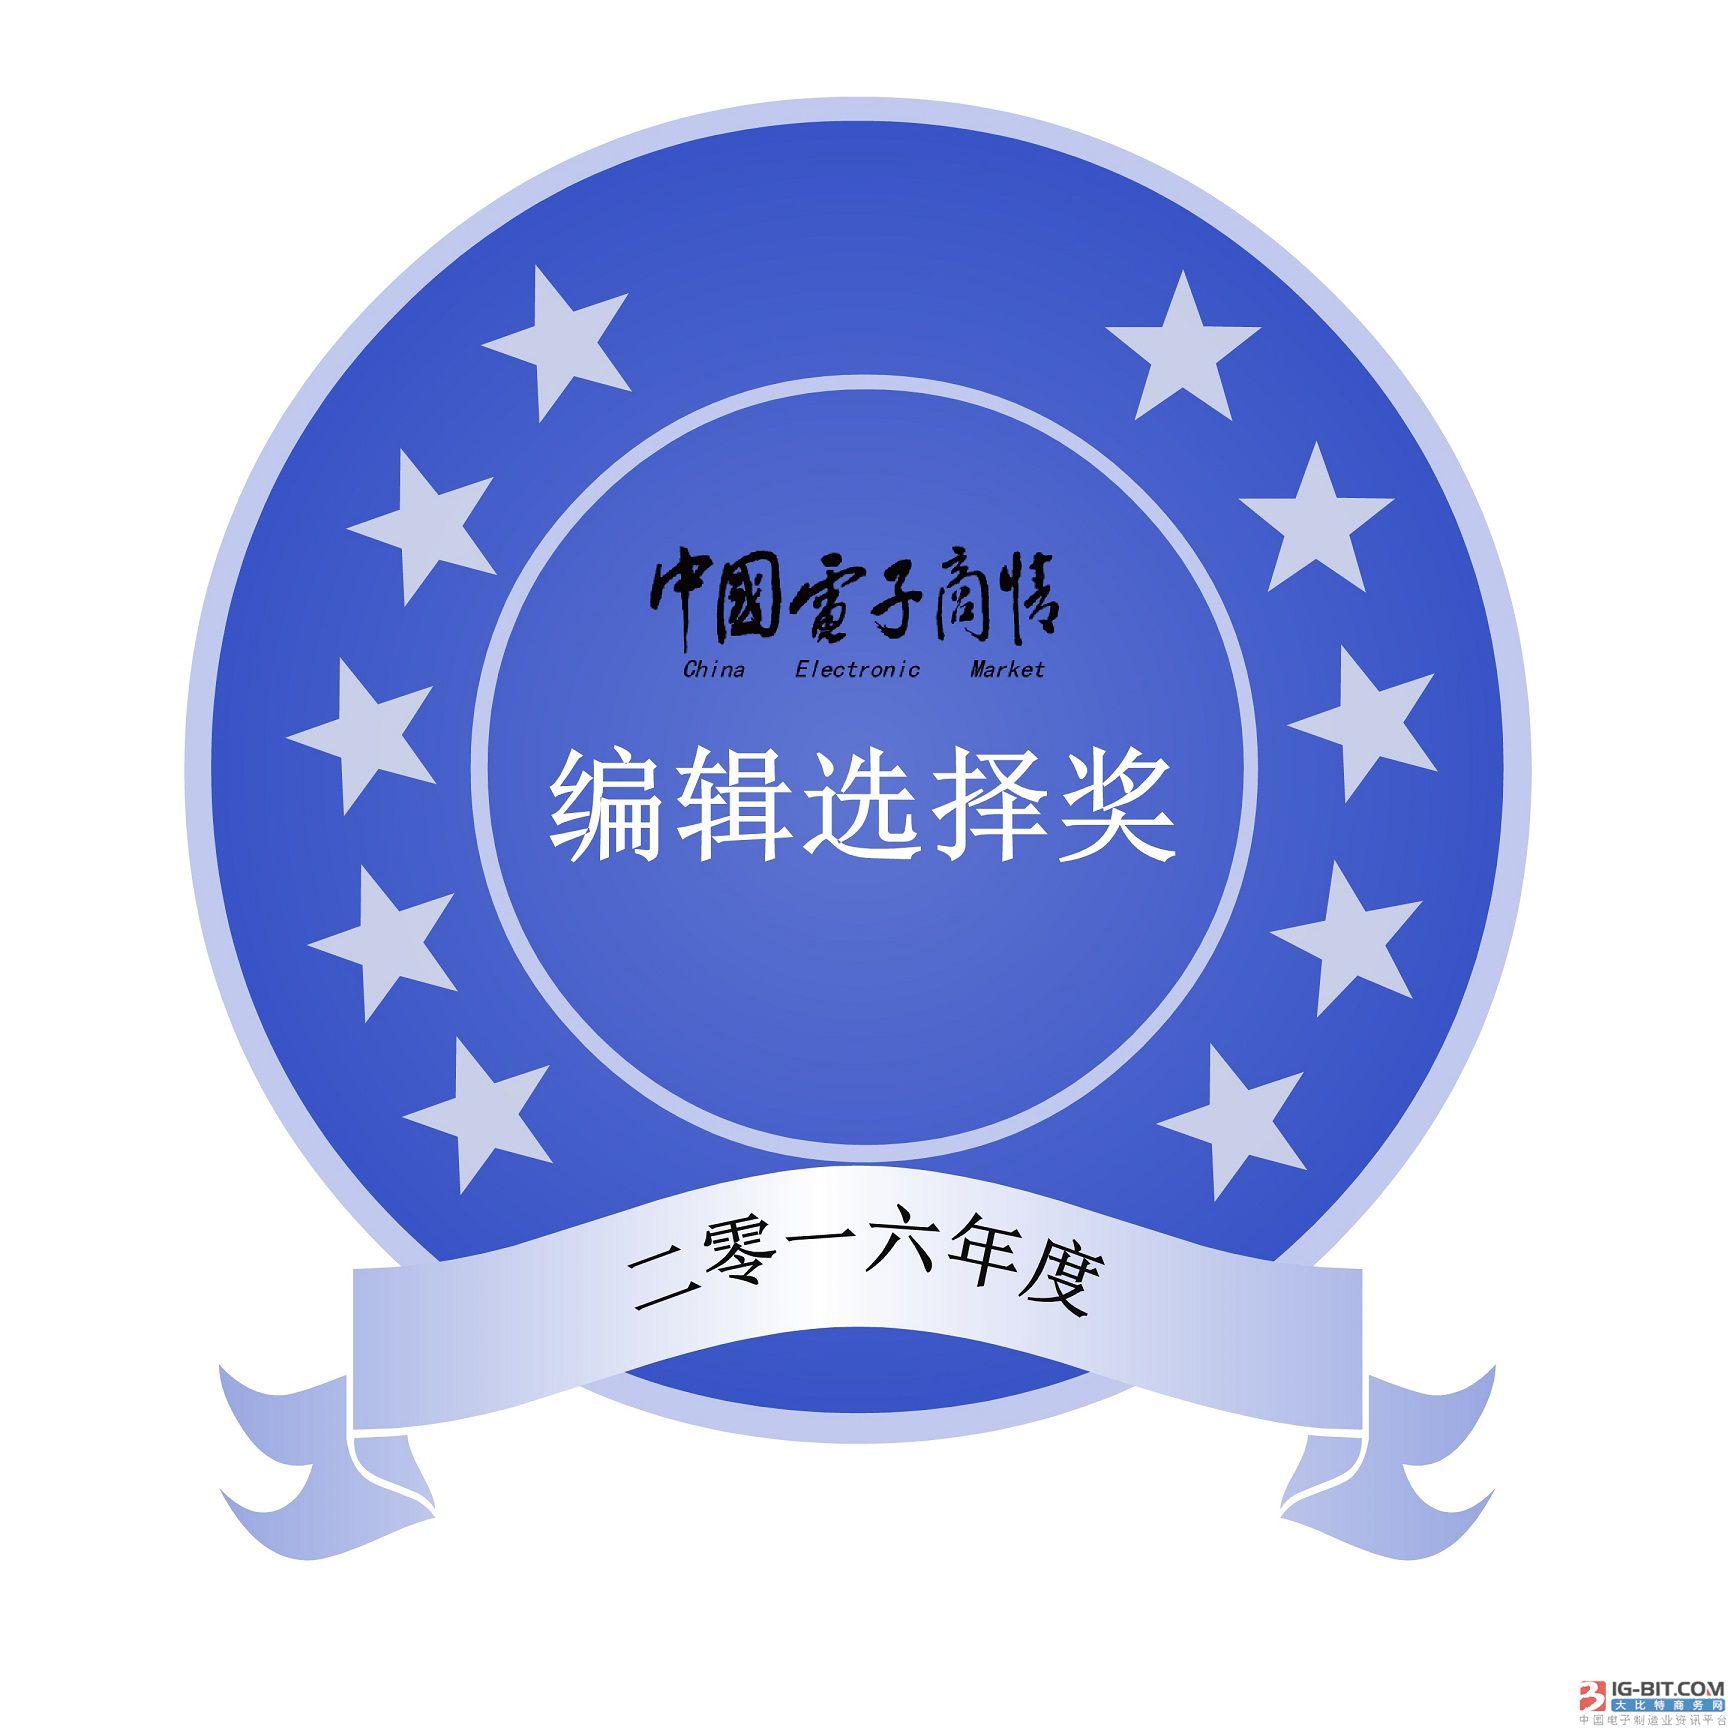 美高森美Adaptec 8E系列适配器解决方案 荣获《中国电子商情》杂志编辑选择奖